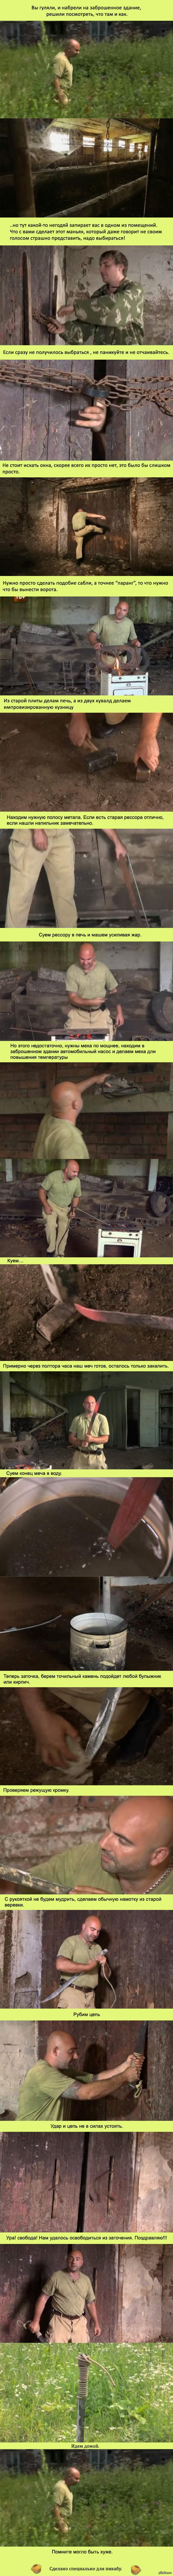 Бетон баженова раствор цементный 1 к 3 марка